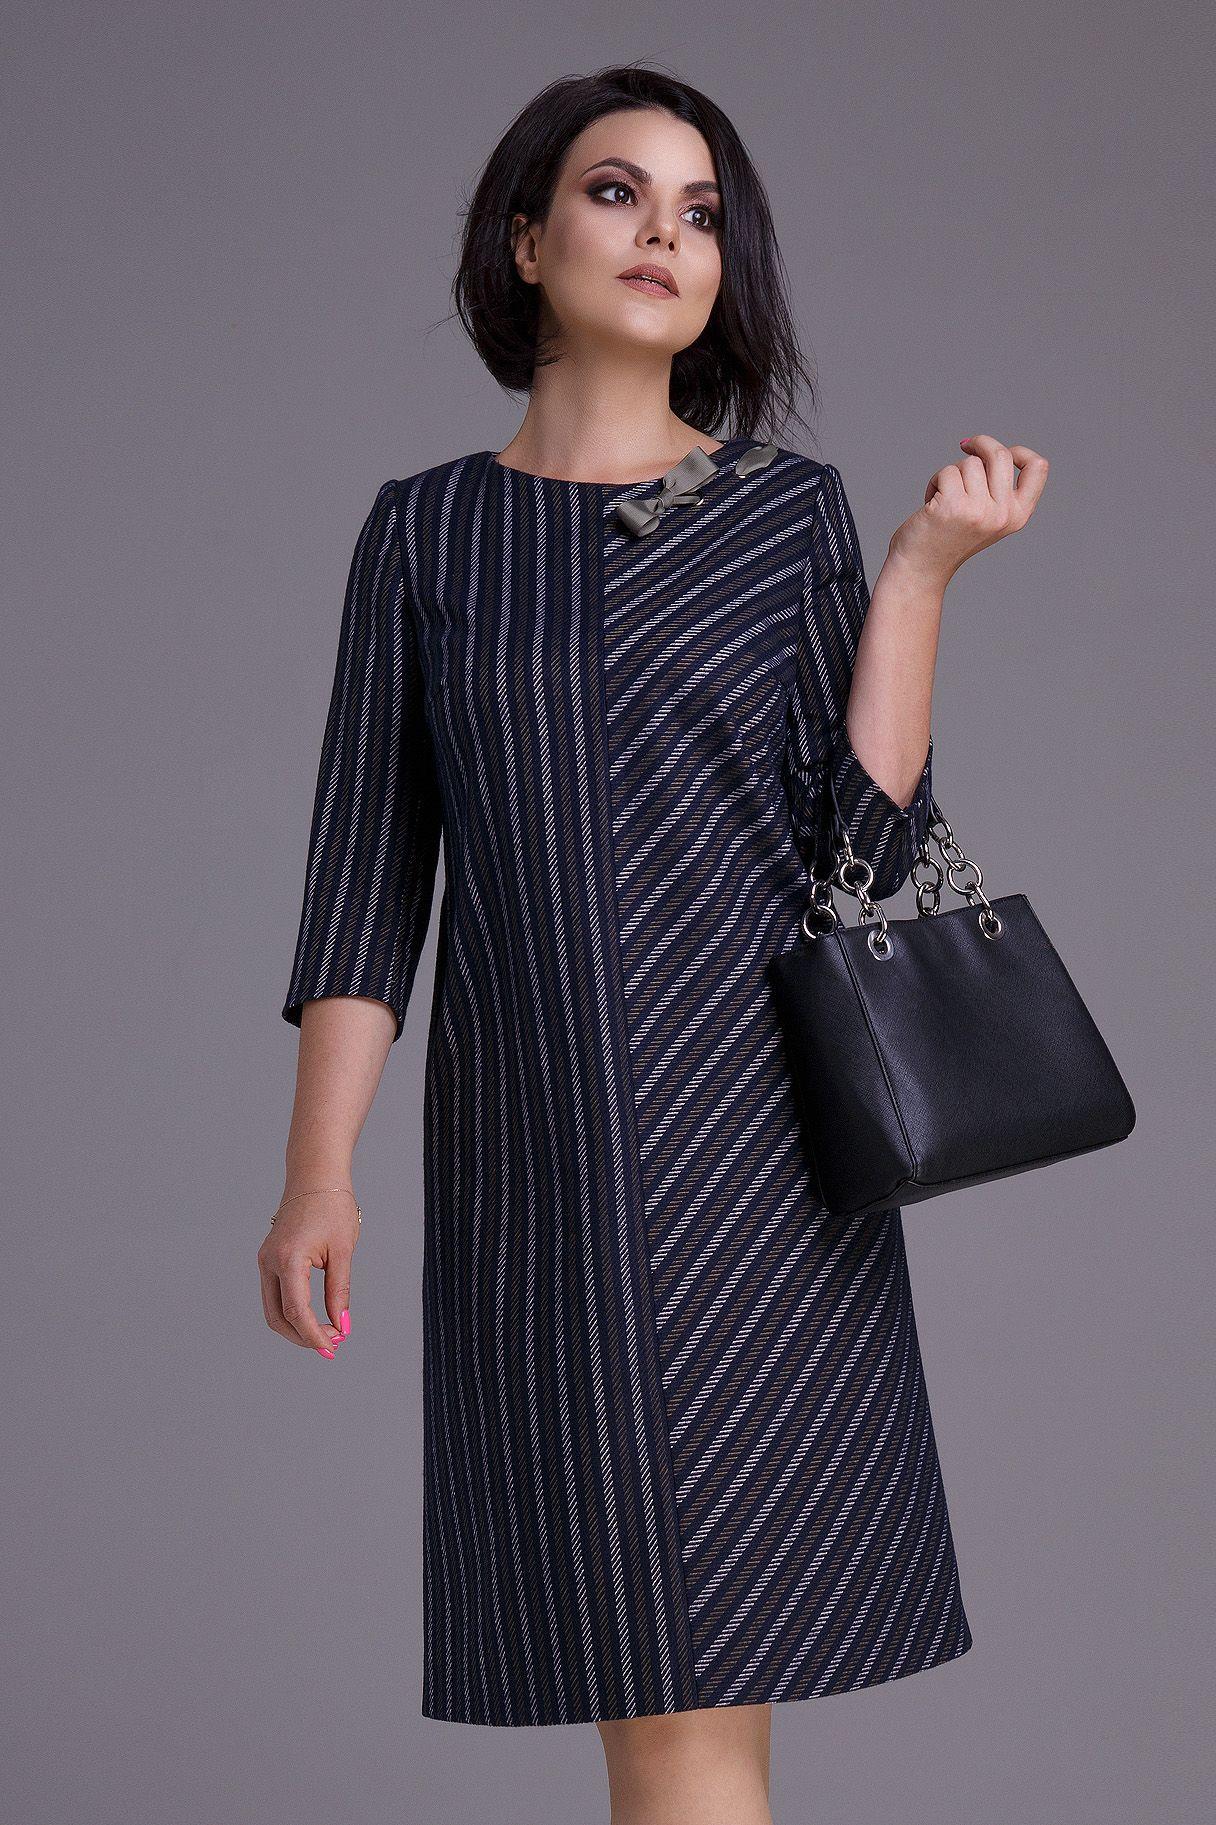 ce5b48c41181 Коллекции женской одежды осень-зима 2018-2019 от компании Jerusi.  Белорусская трикотажная одежда